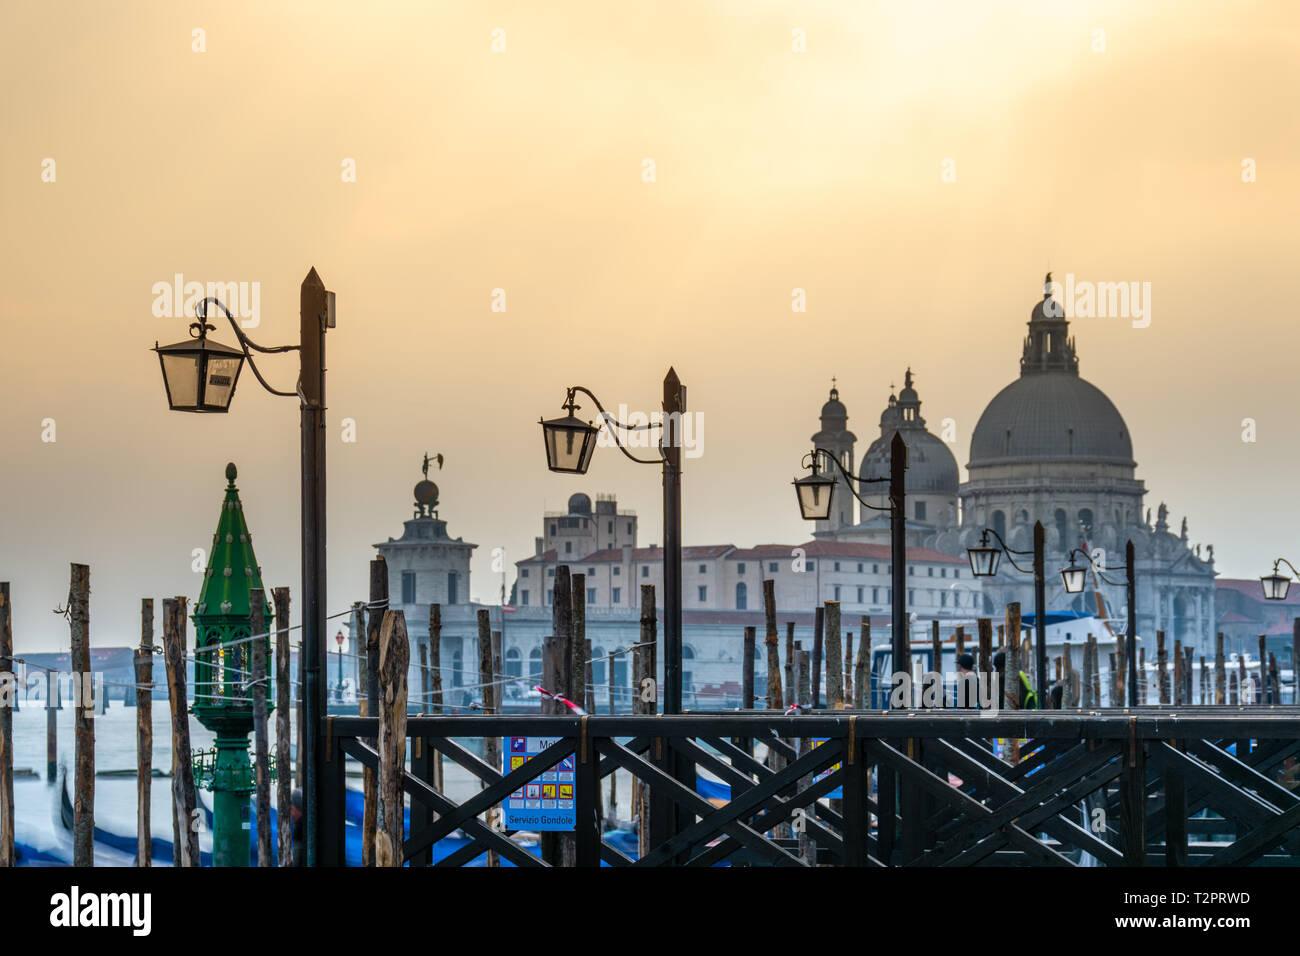 Vecchia cattedrale di Santa Maria della Salute a Venezia, Italia Foto Stock